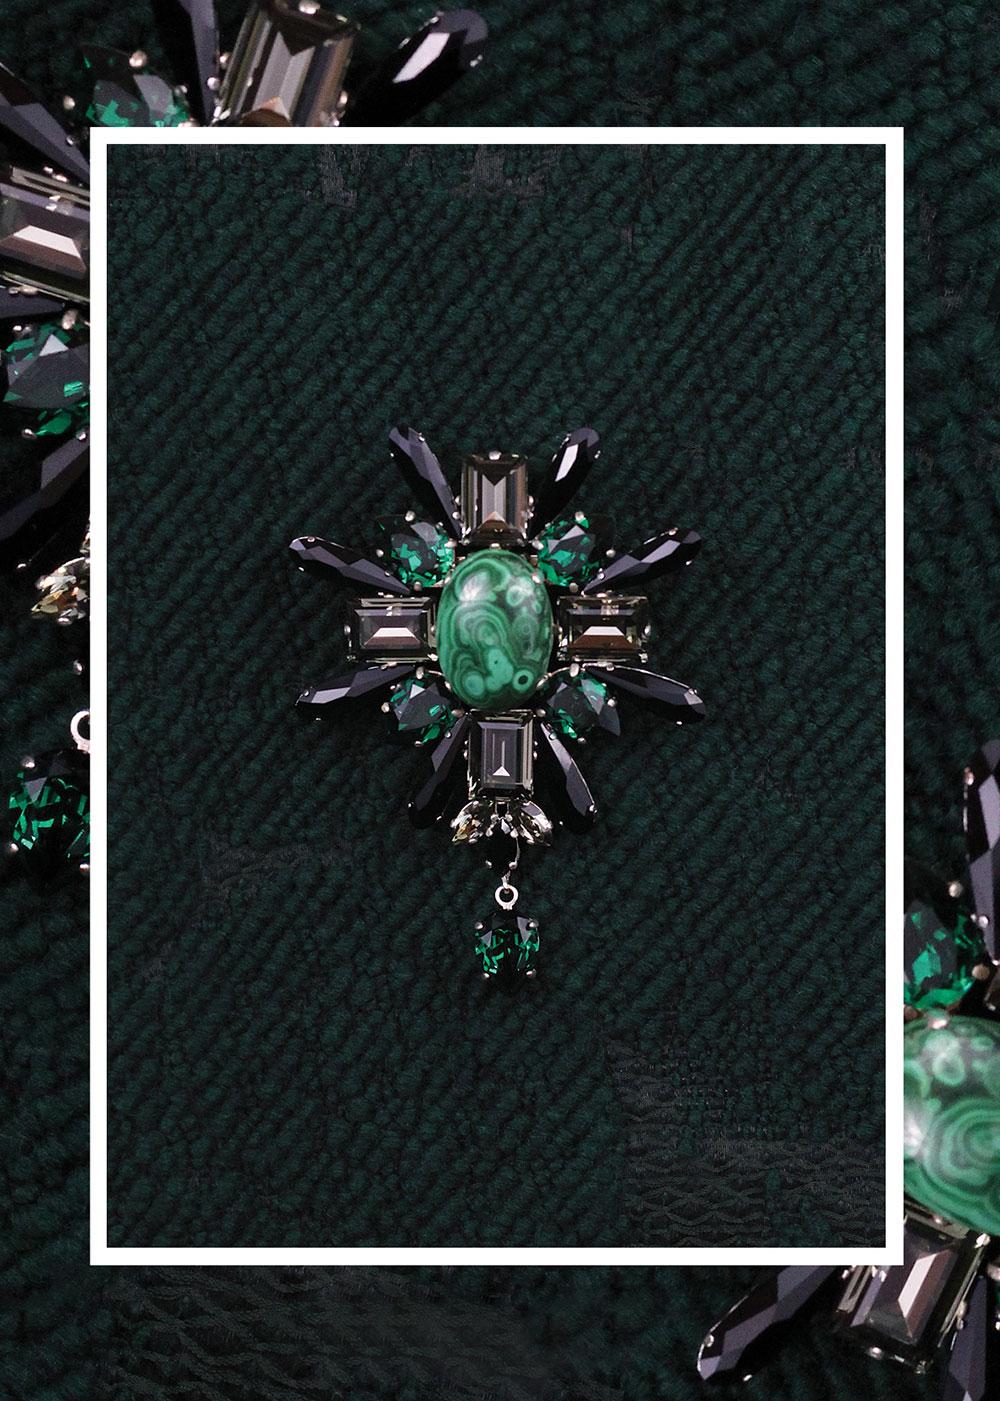 02_brosa_Josephine_cristale_swarovski_negru_verde_smarald_gri_malahit